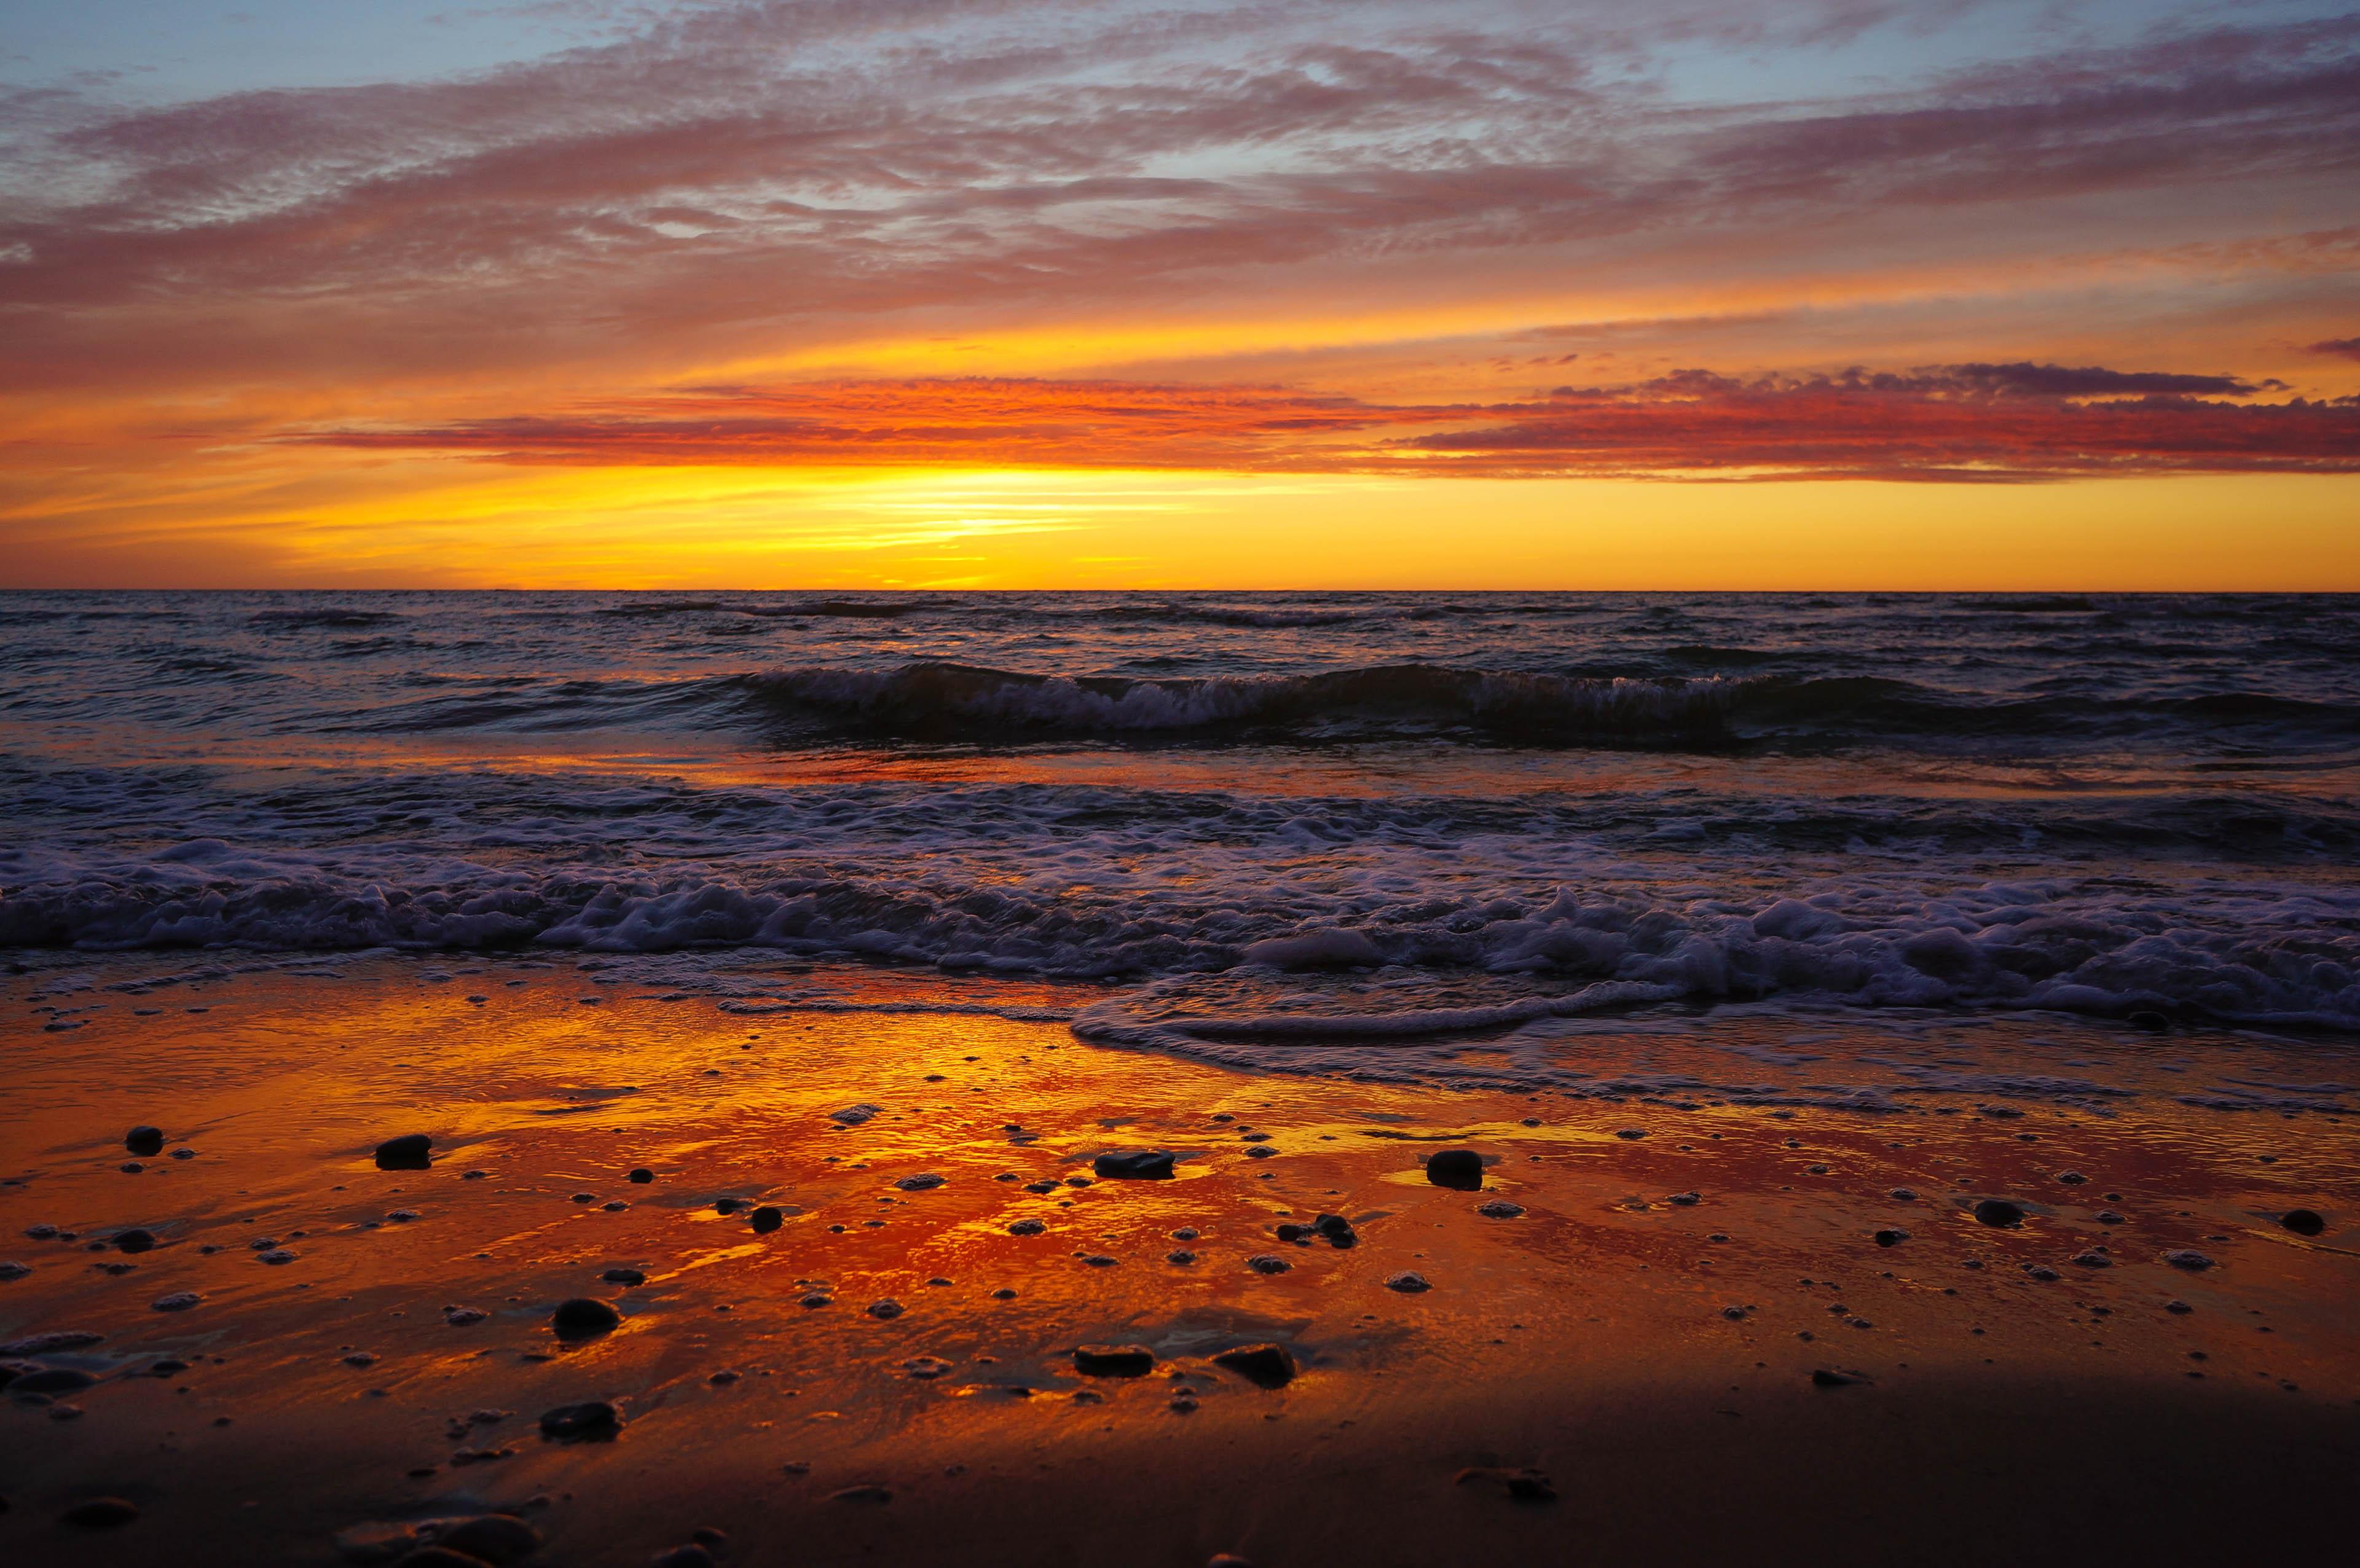 Trīs saulrieti pie Baltijas jūras